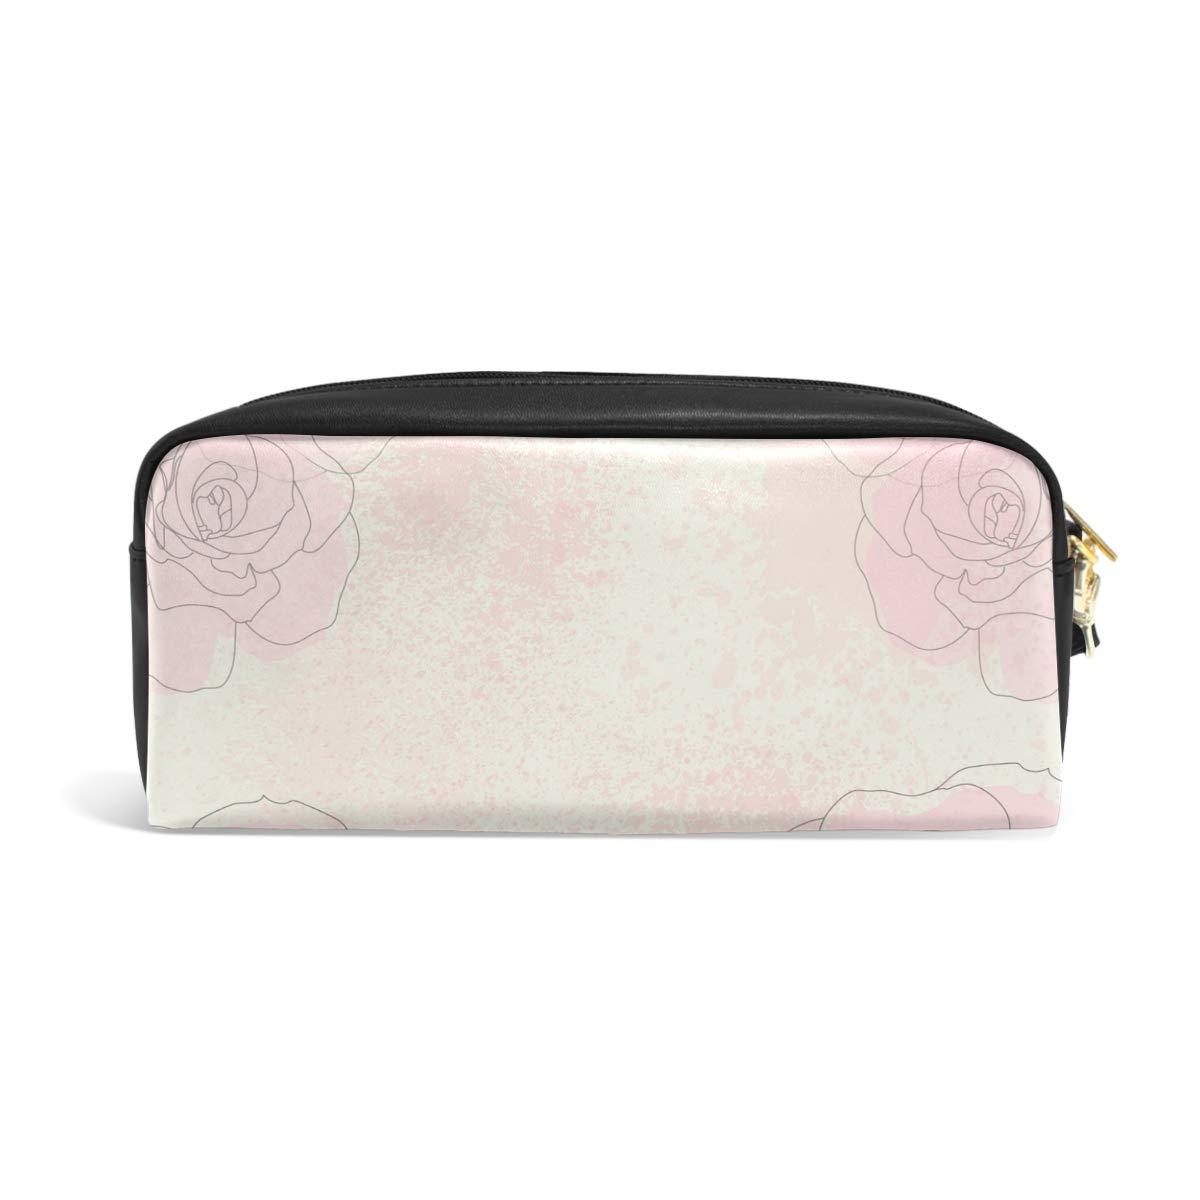 cedb6d7dad69 color rosa Estuche de gran capacidad con cremallera para artículos de  papelería y lápices ISAOA para ...